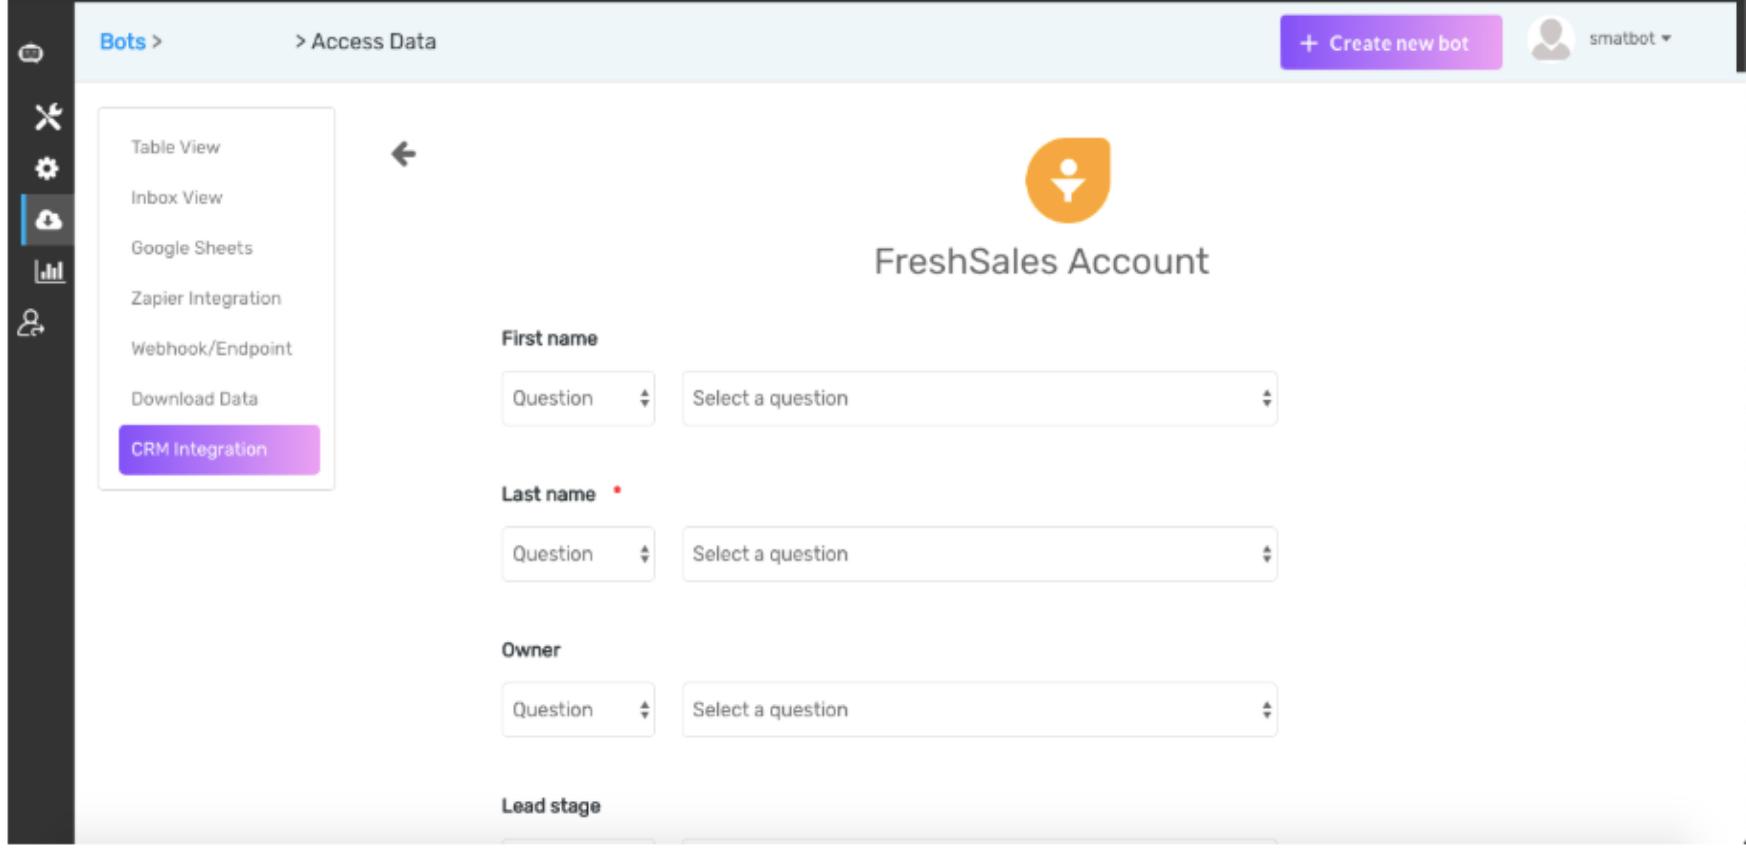 Smatbots - Freshworks Marketplace